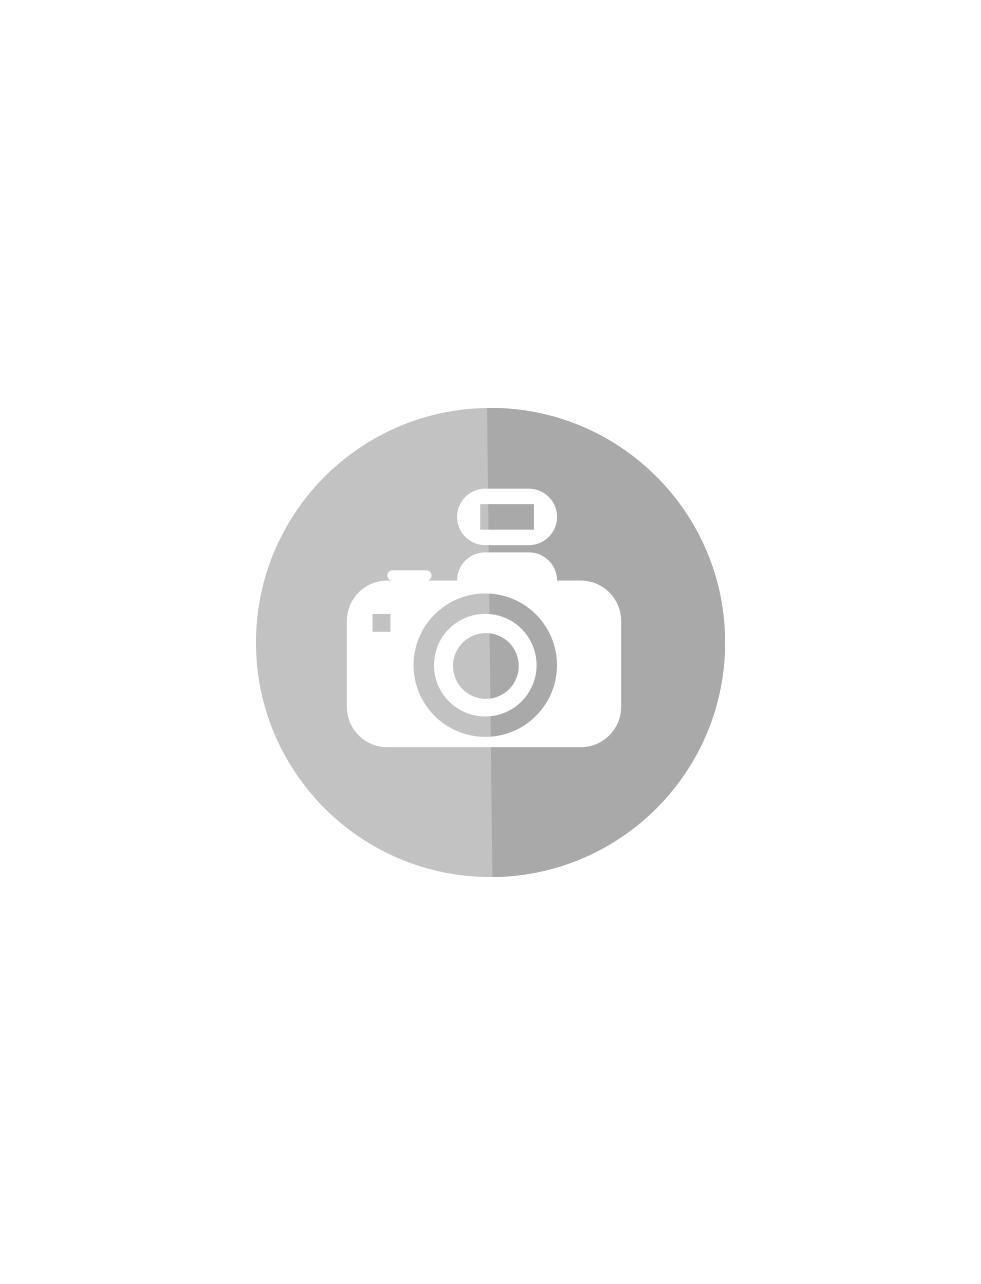 30825832_sparepart/Griff blau für SDZ 216 x 50mm + 6 cm län